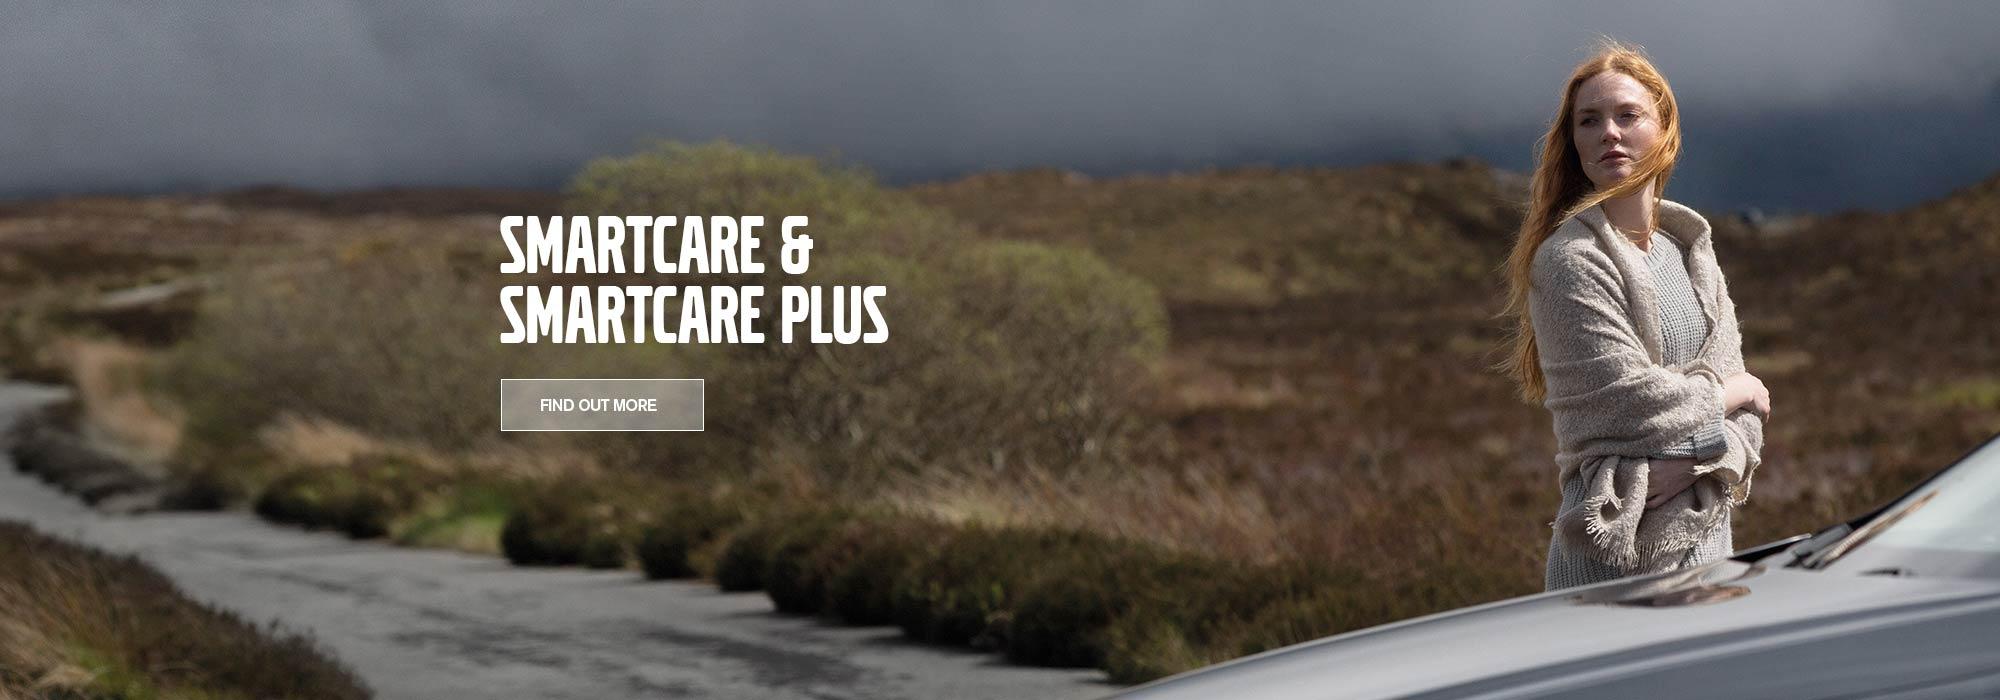 Volvo SmartCare and SmartCare Plus